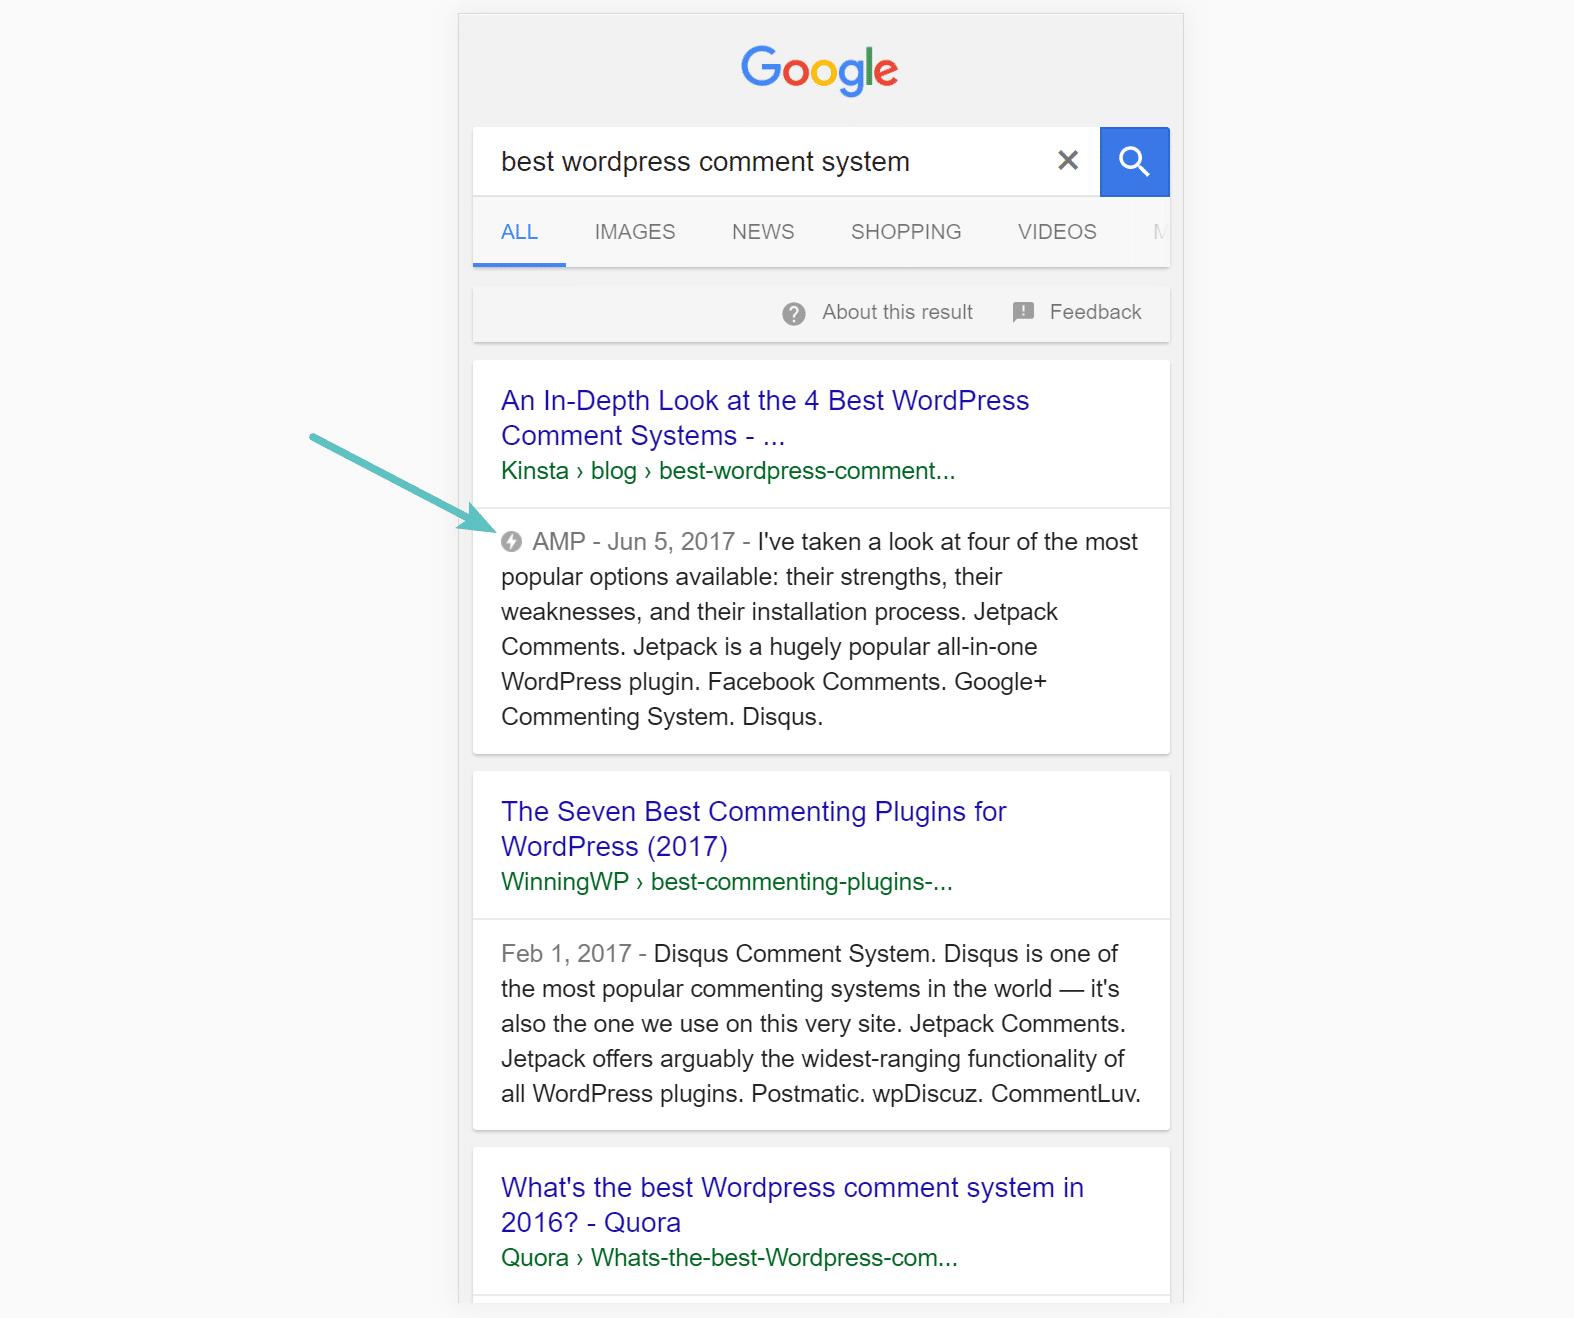 نمونه نمایش AMP در گوگل